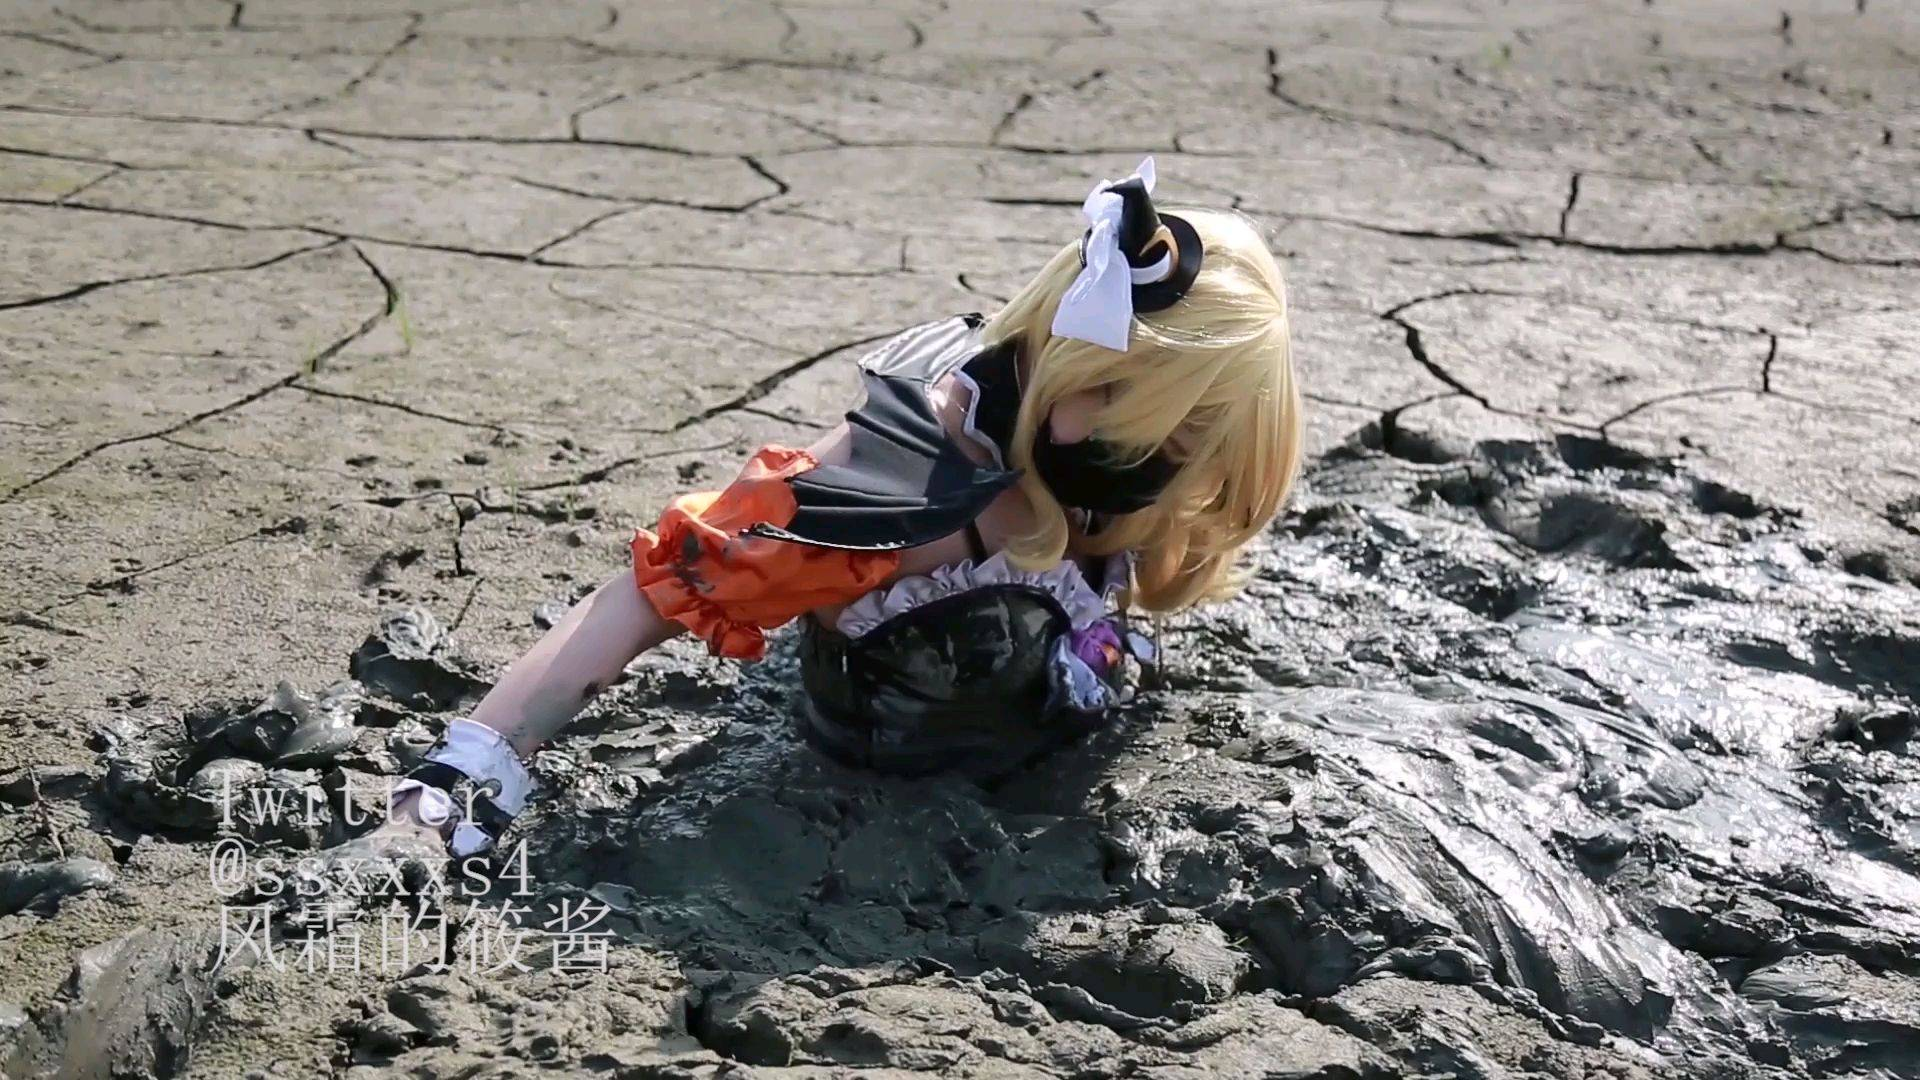 绘里踩泥巴